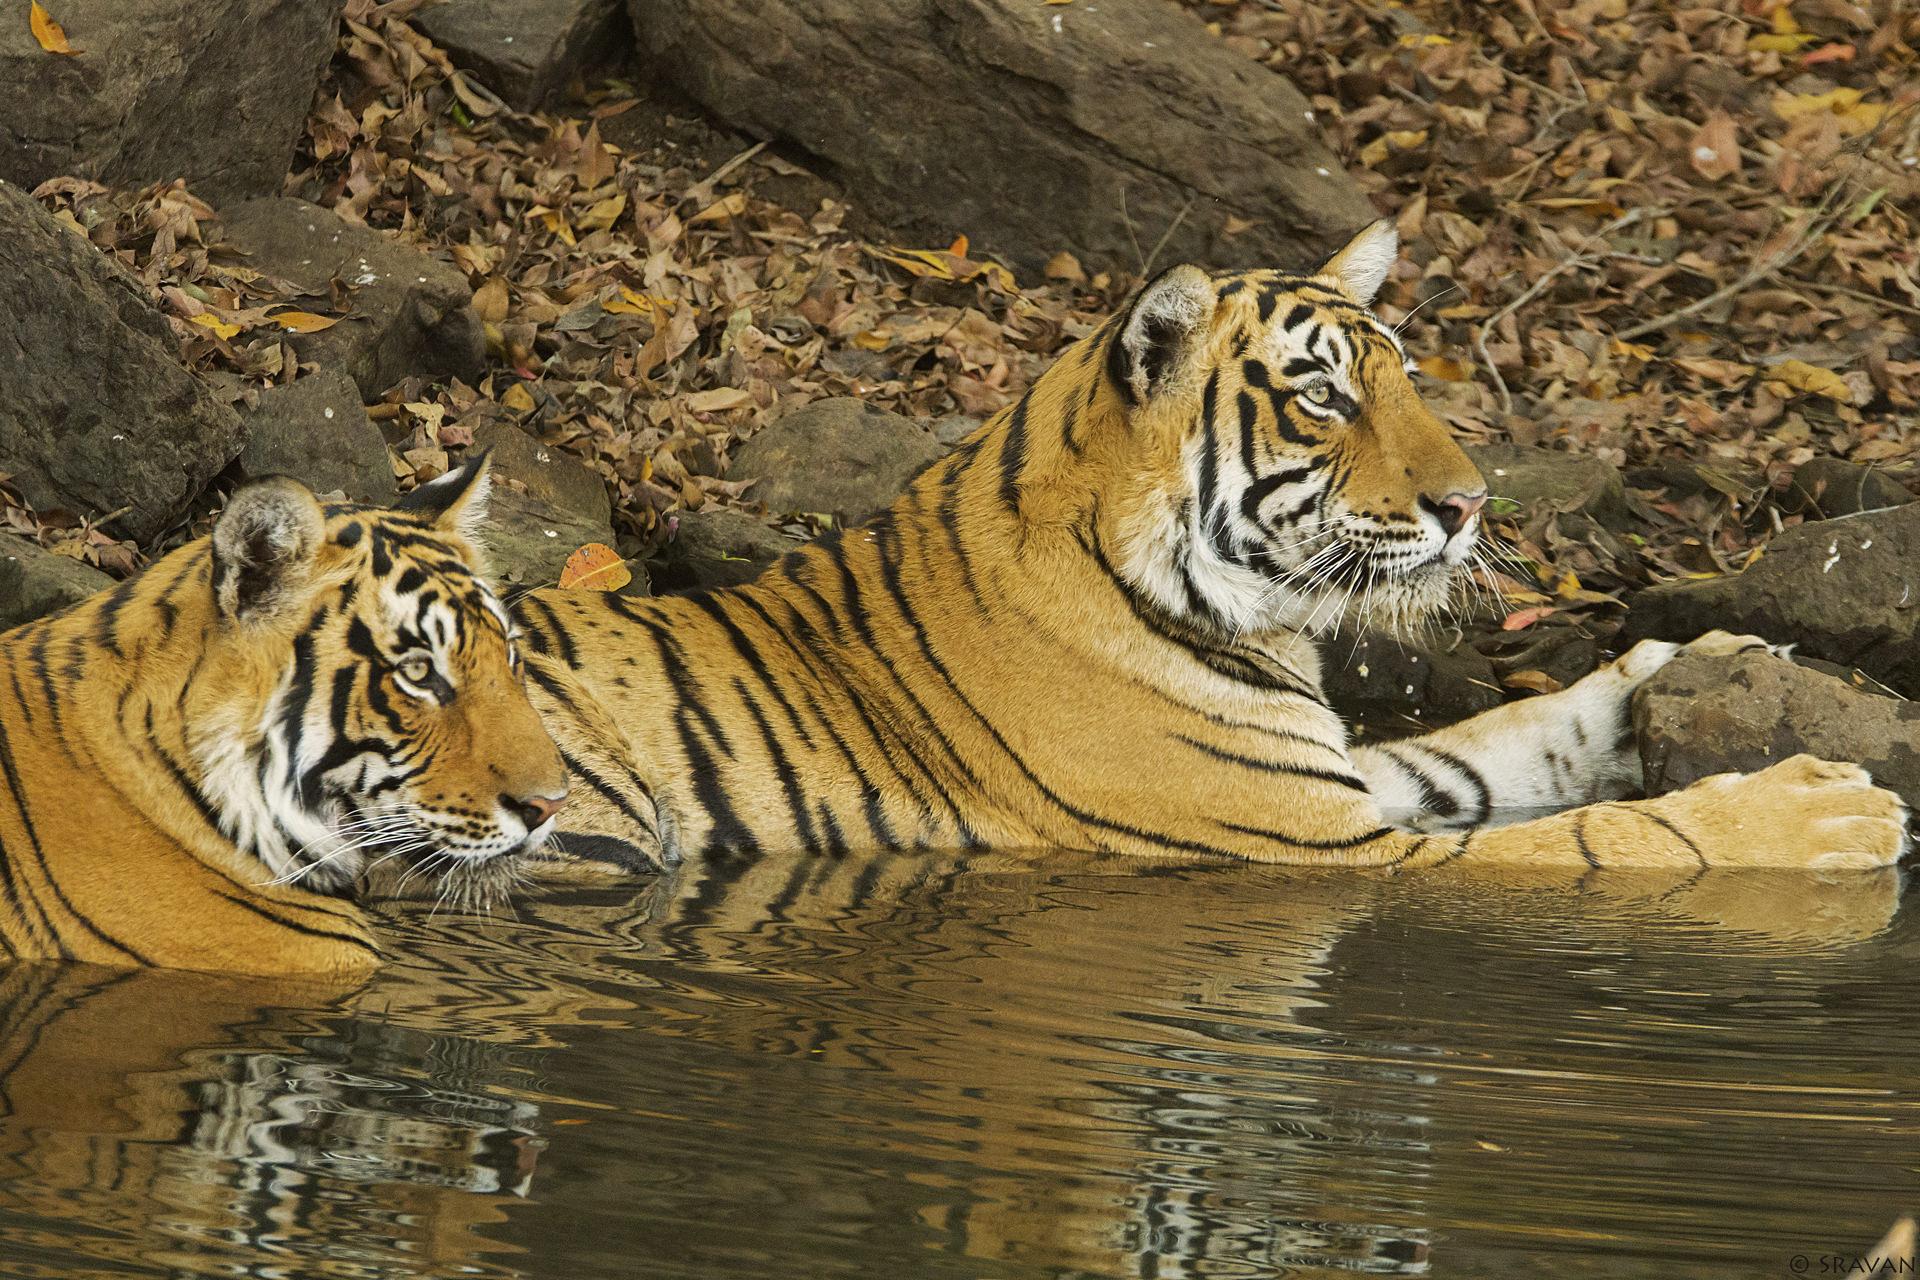 Mammals 036 - Bengal Tiger